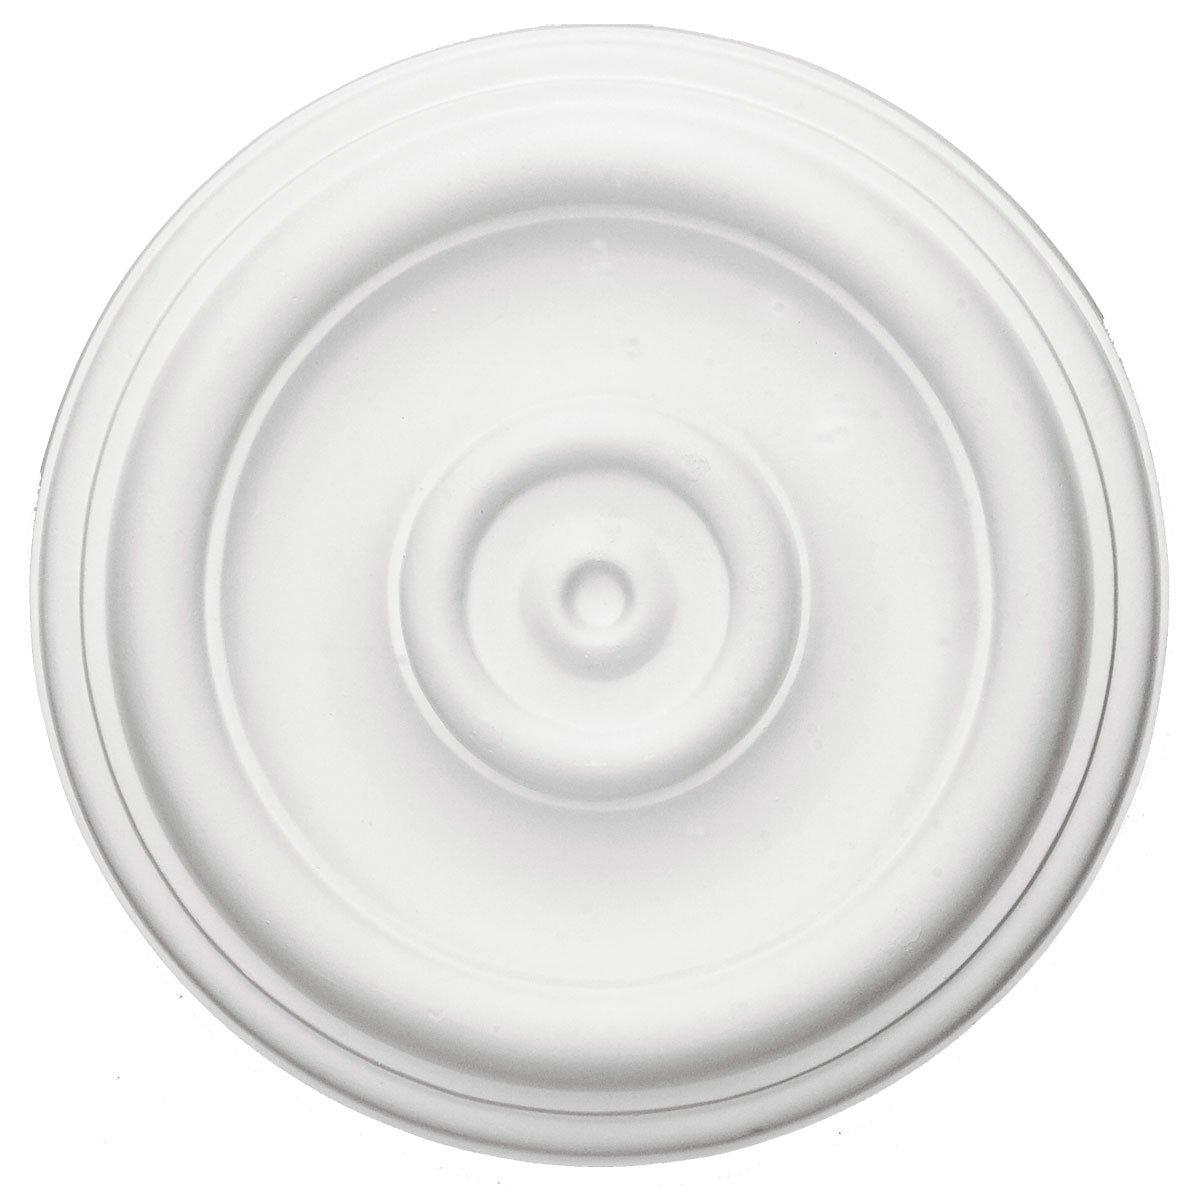 Ekena Millwork CM12TR 12 Inch OD x 3 Inch ID x 1 Inch Traditional Ceiling Medallion